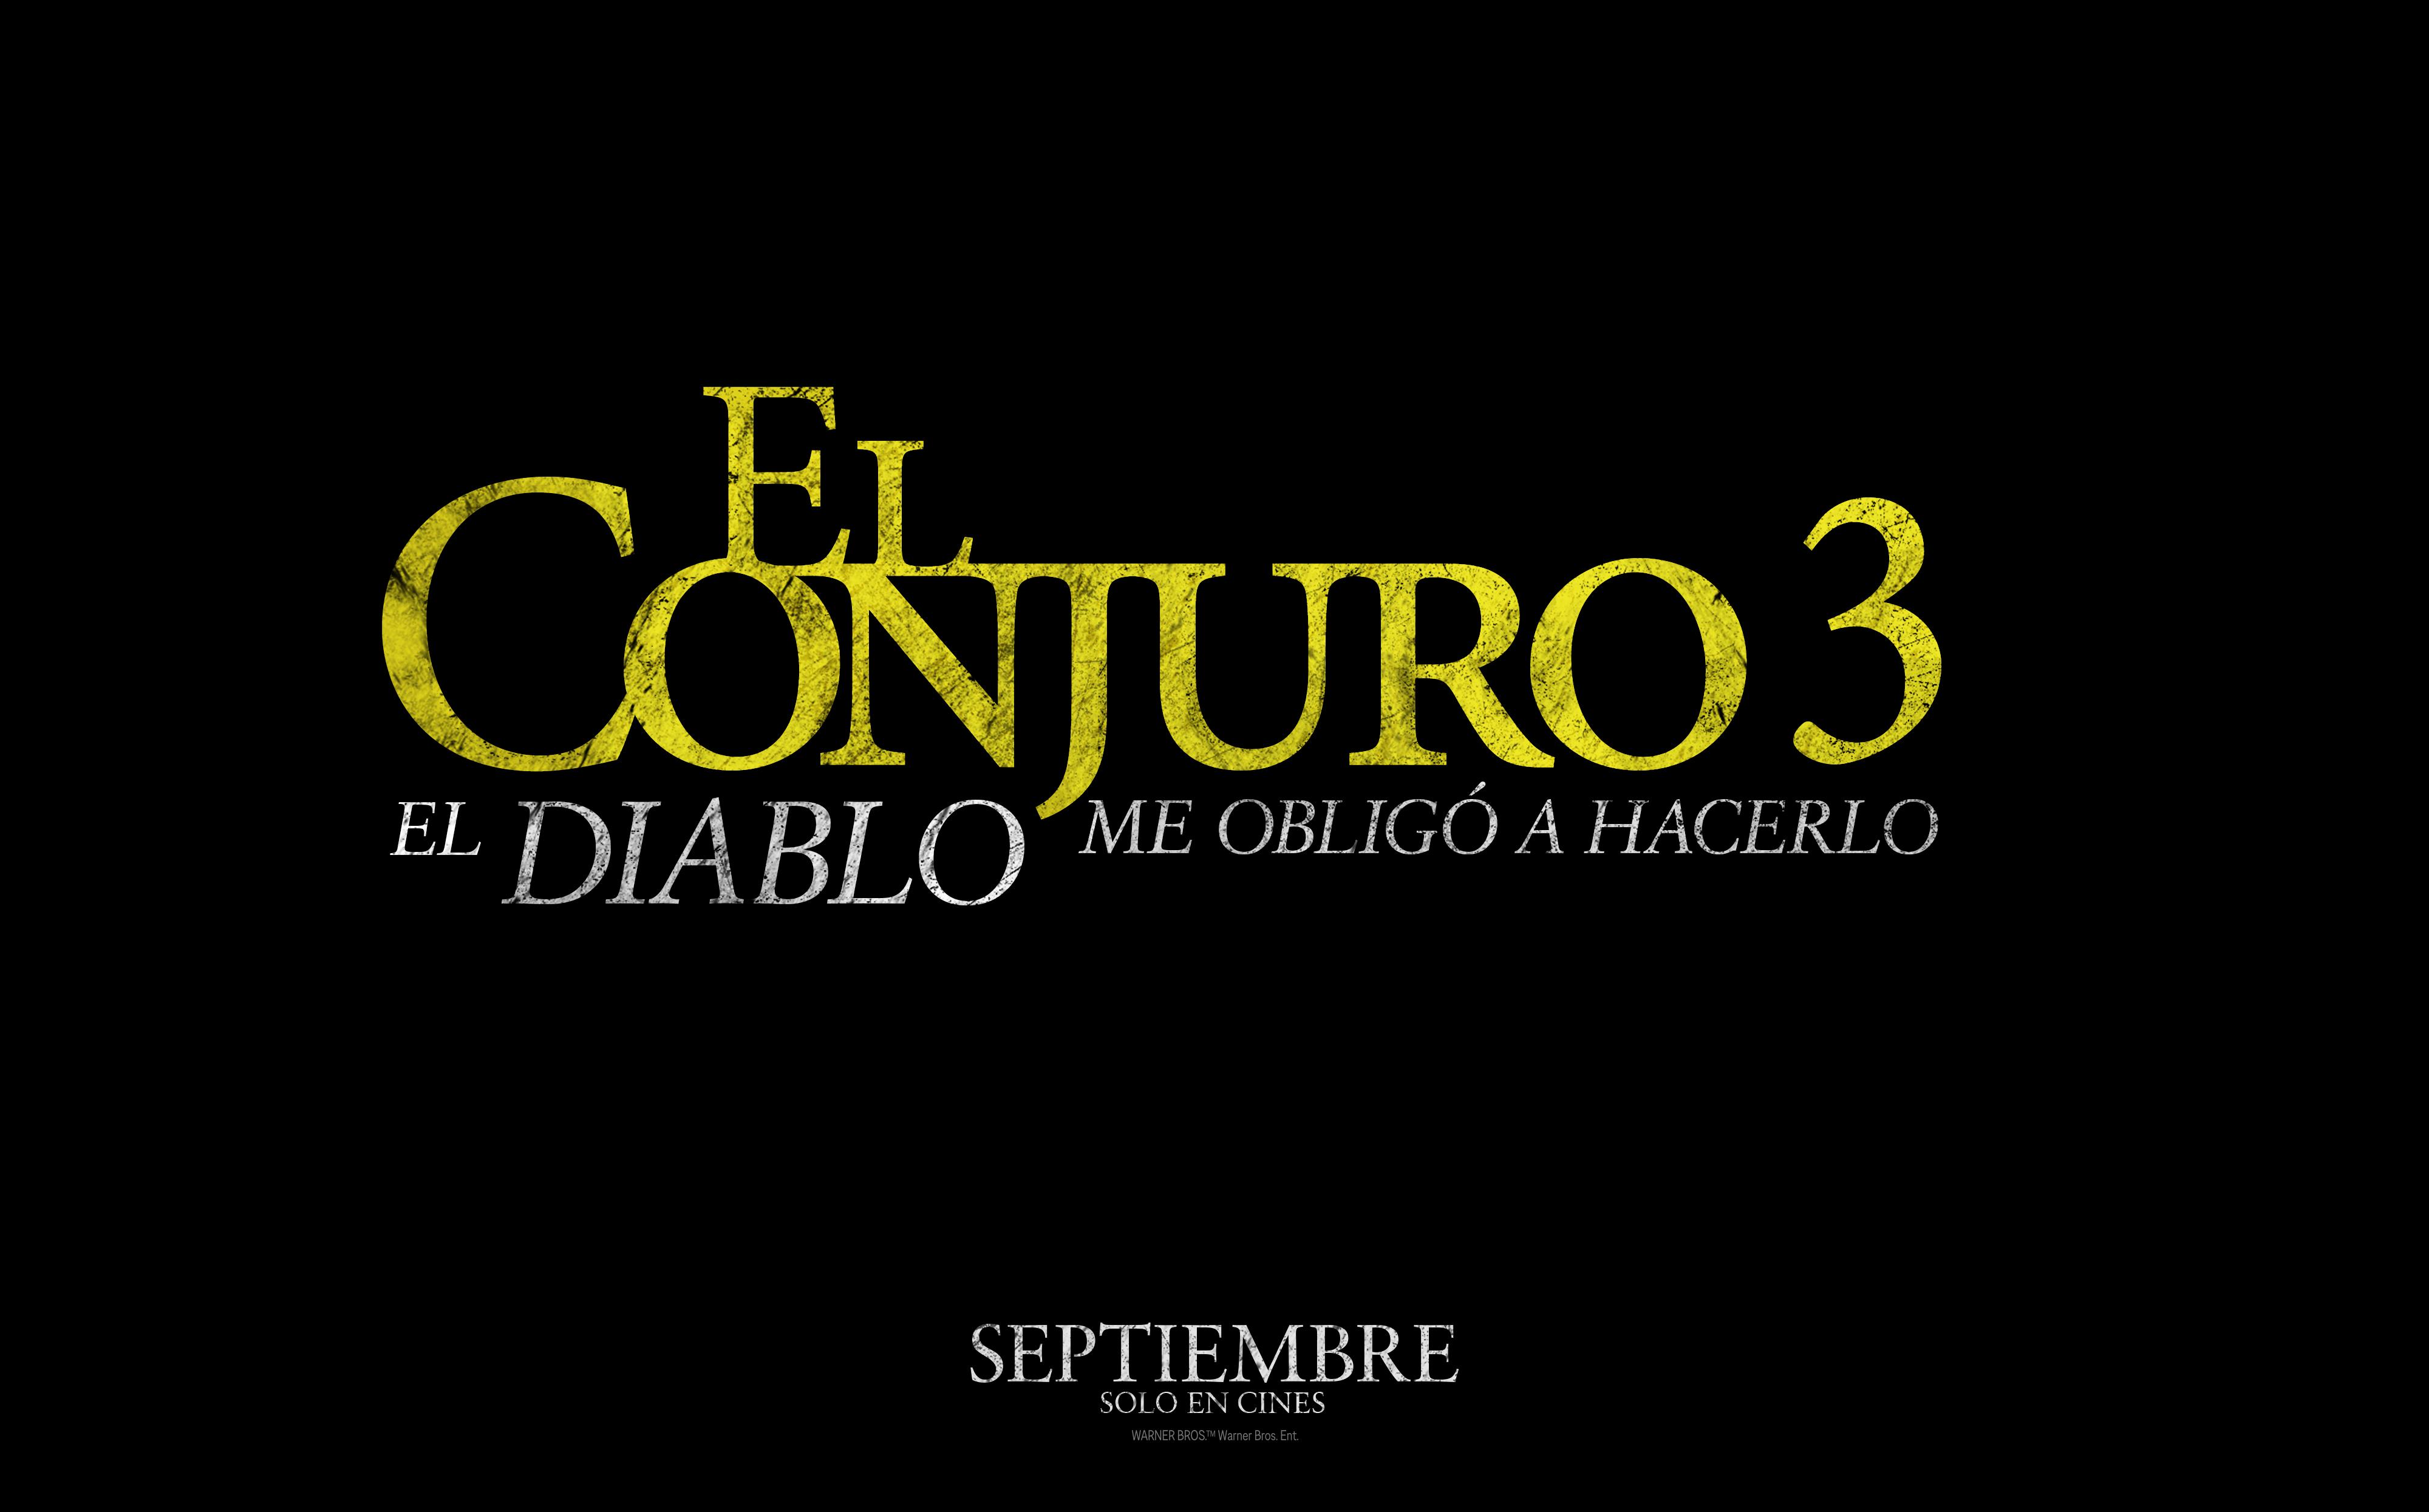 El Conjuro 3: El Diablo me obligó a hacerlo es la séptima película que conforma el universo de El Conjuro.